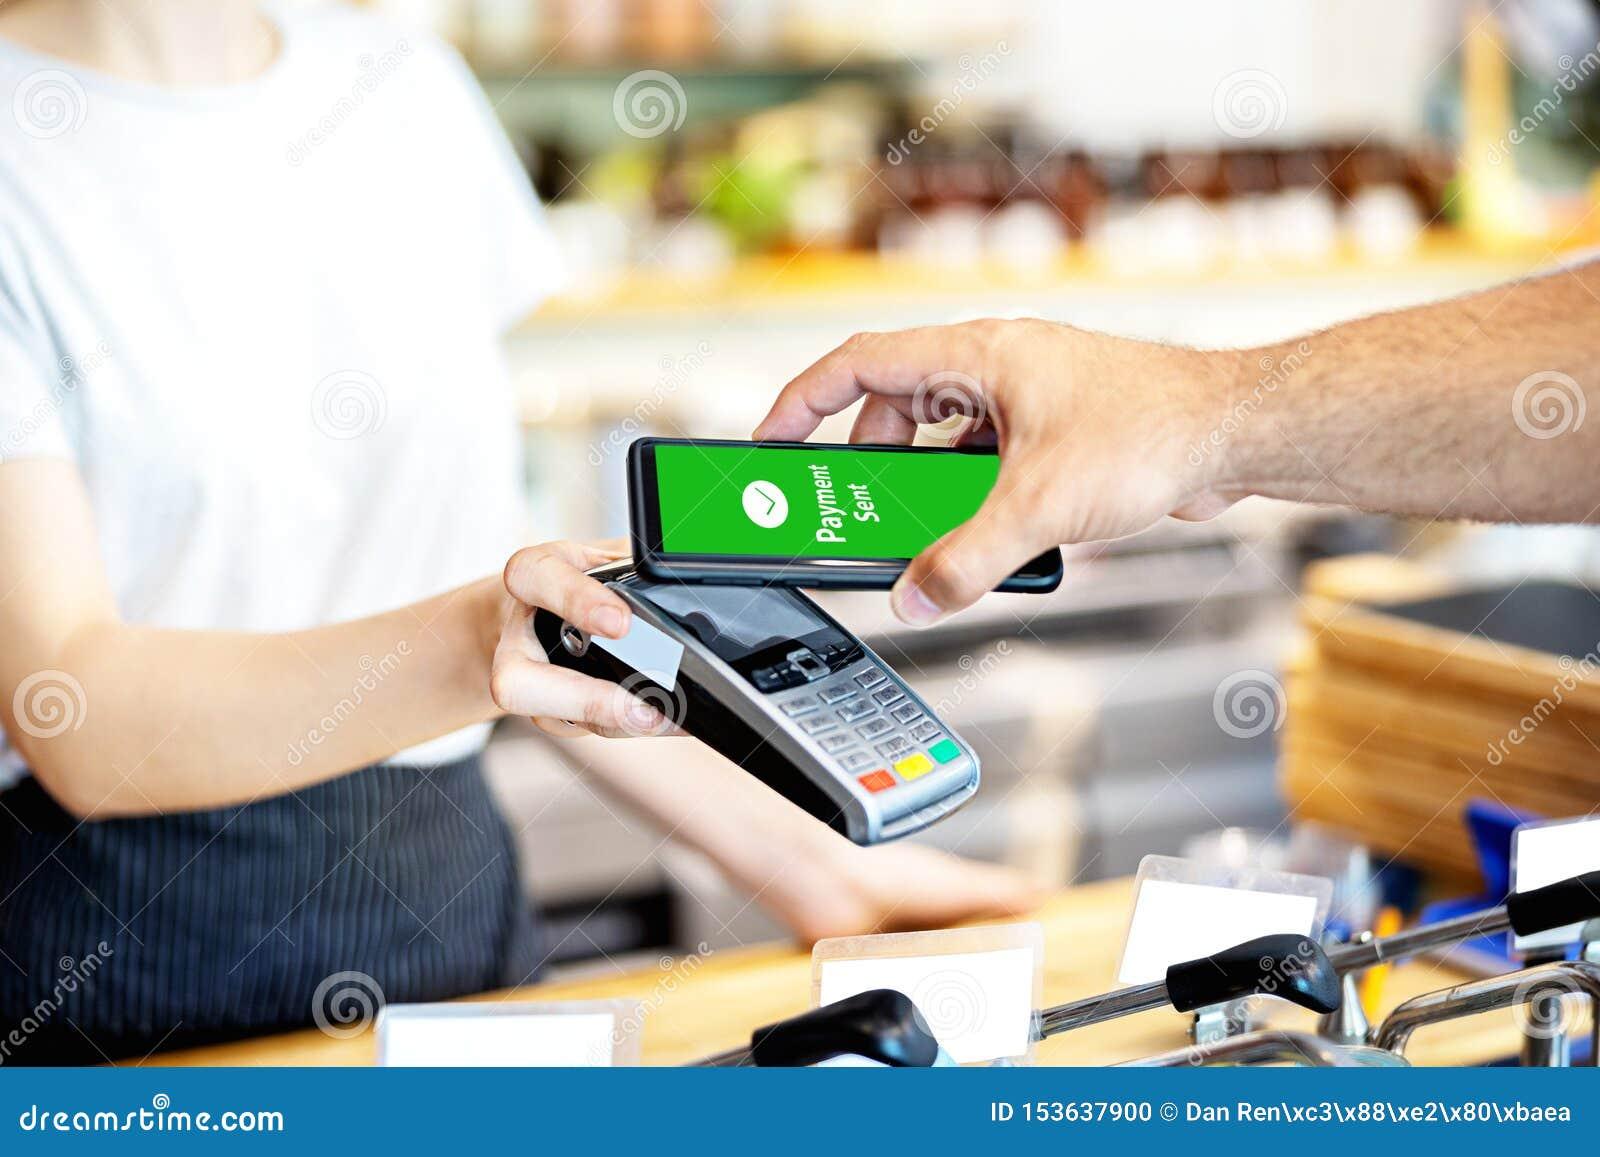 Video Slots Betalen Met Telefoon